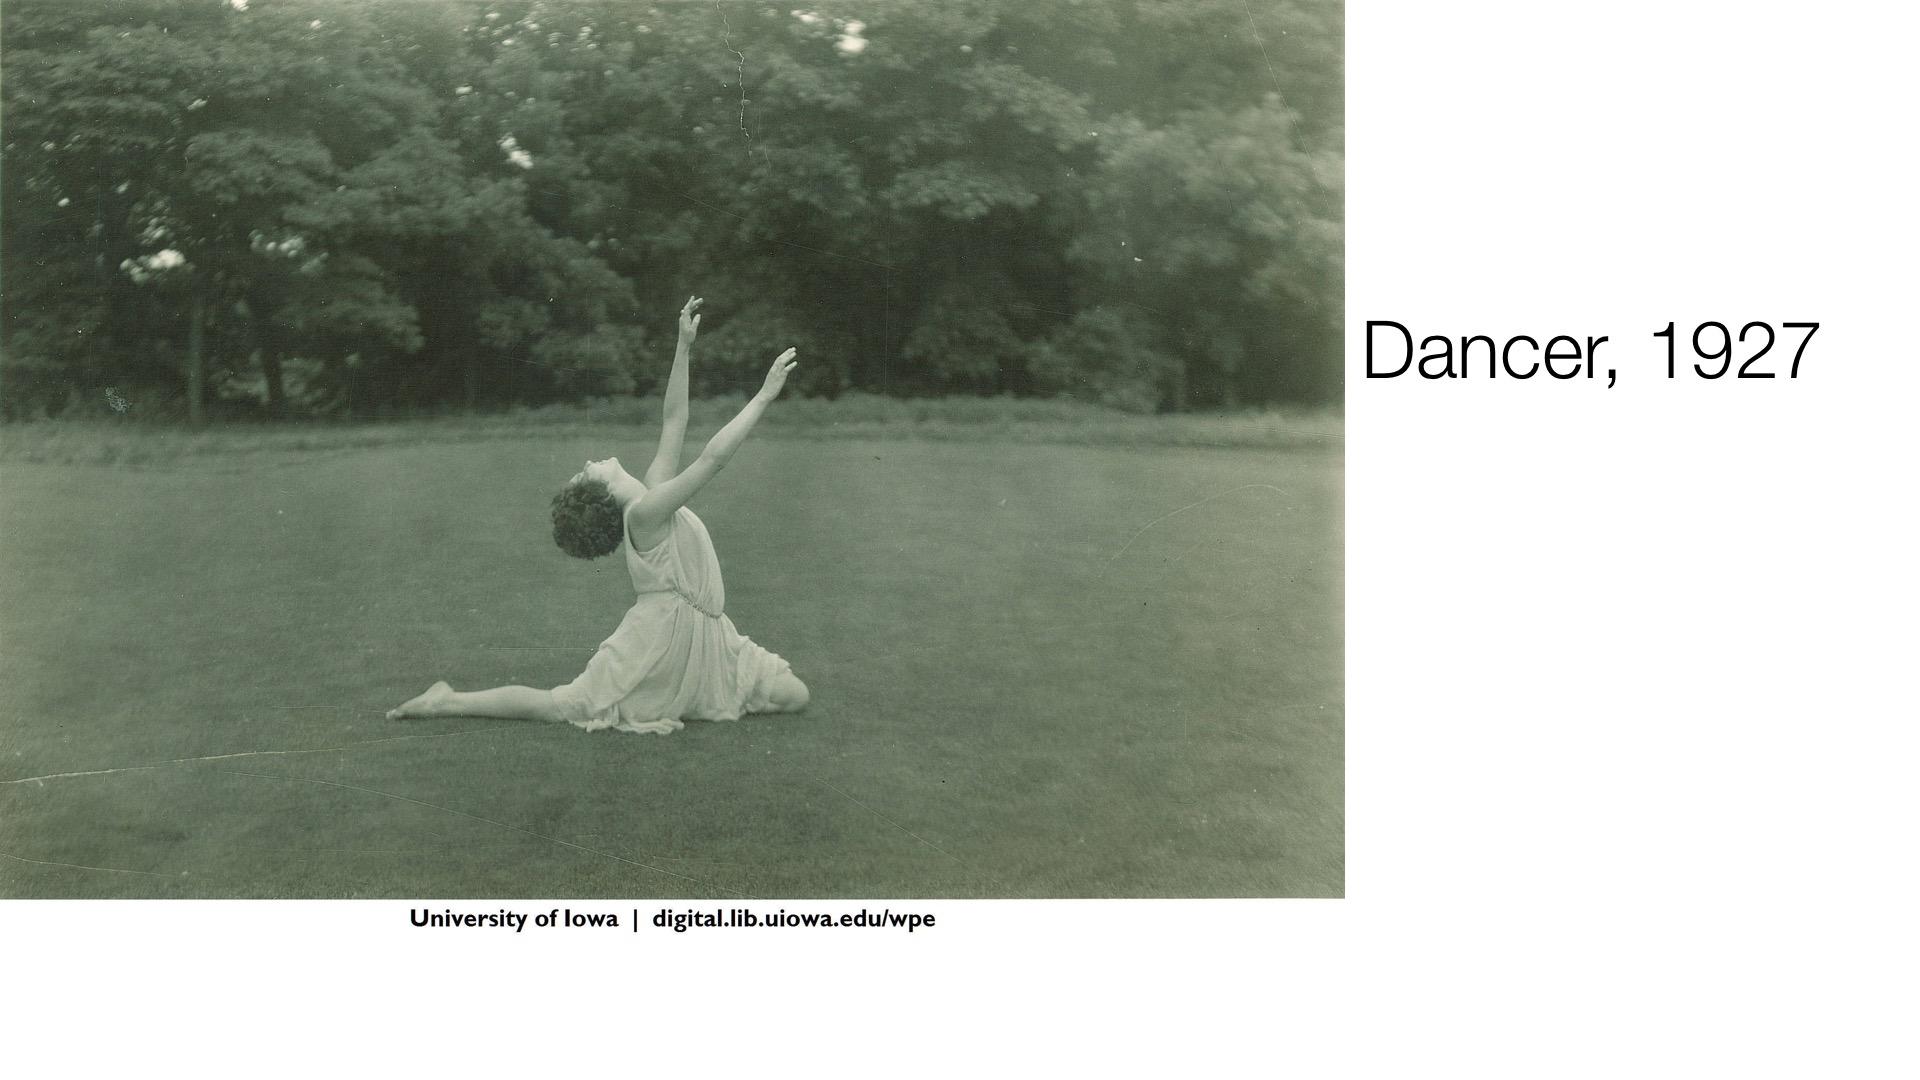 Dancer, 1927